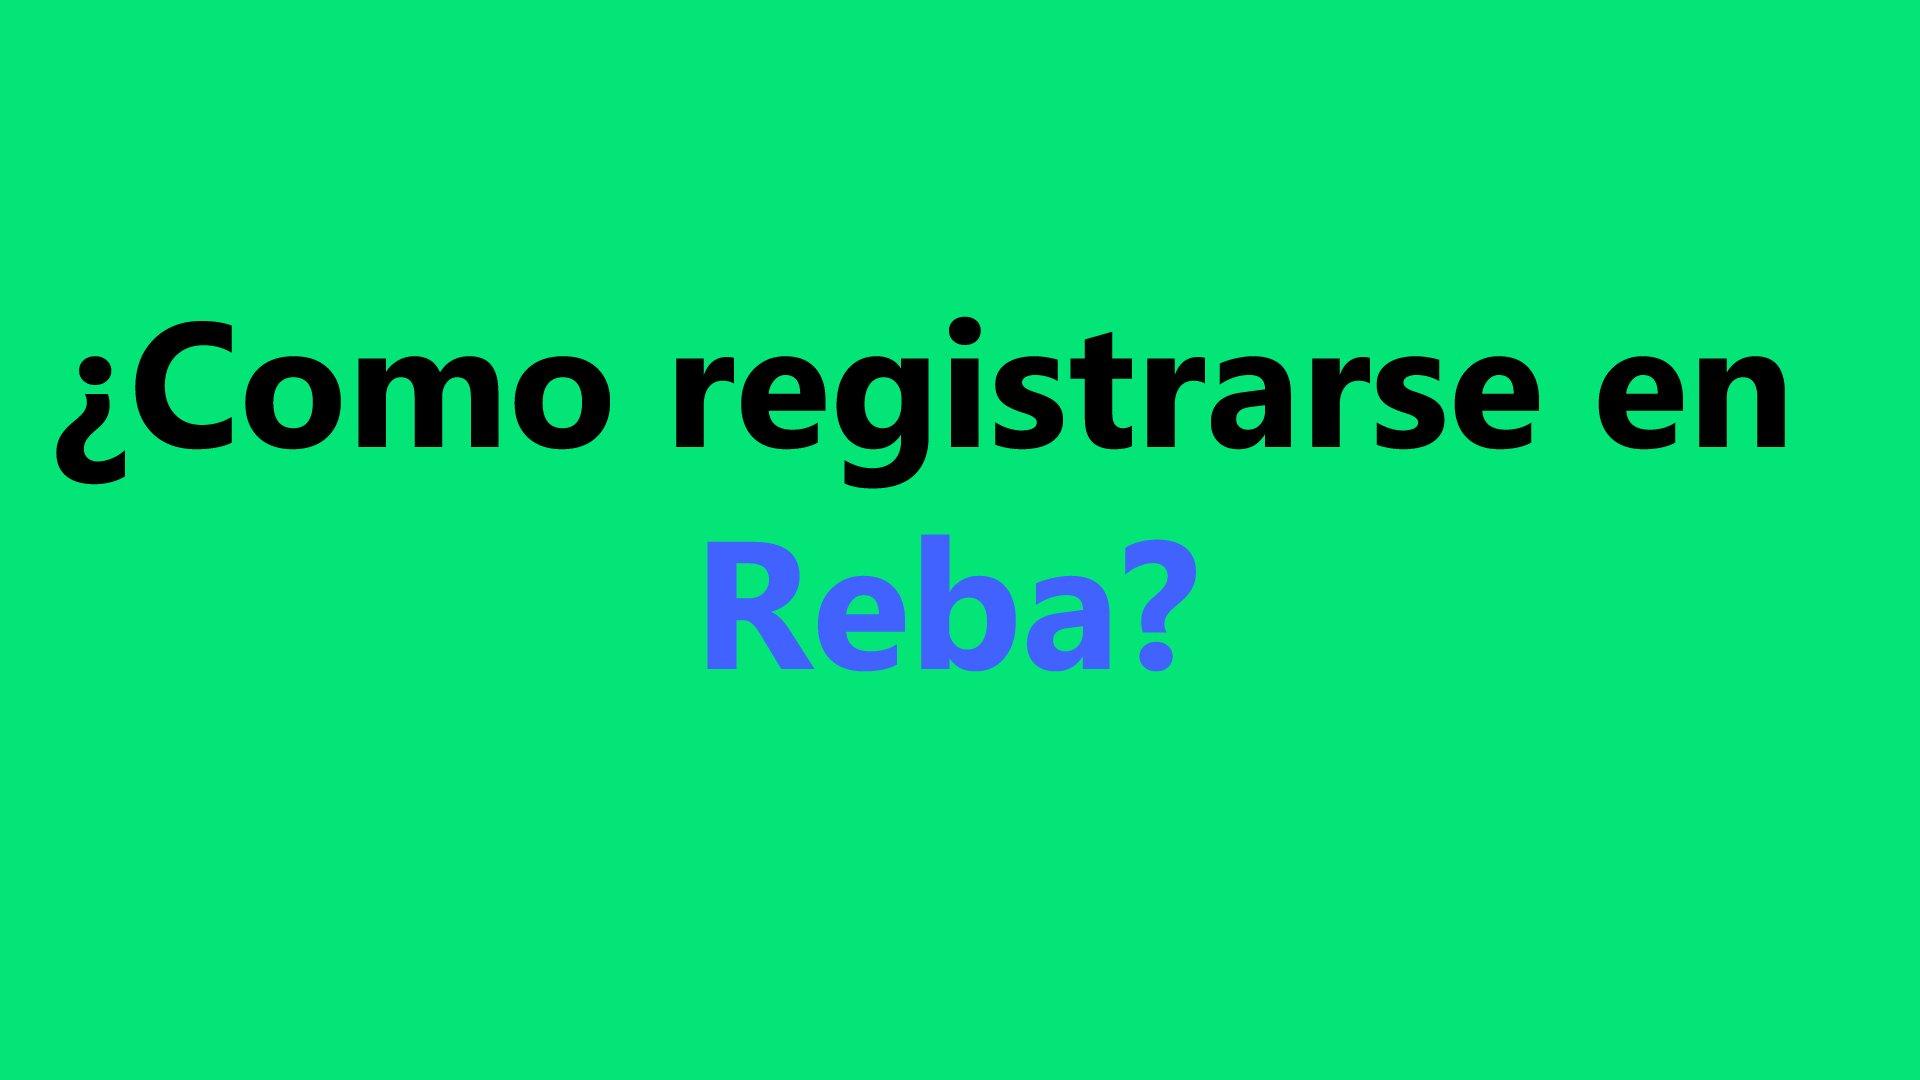 Como registrarse en Reba